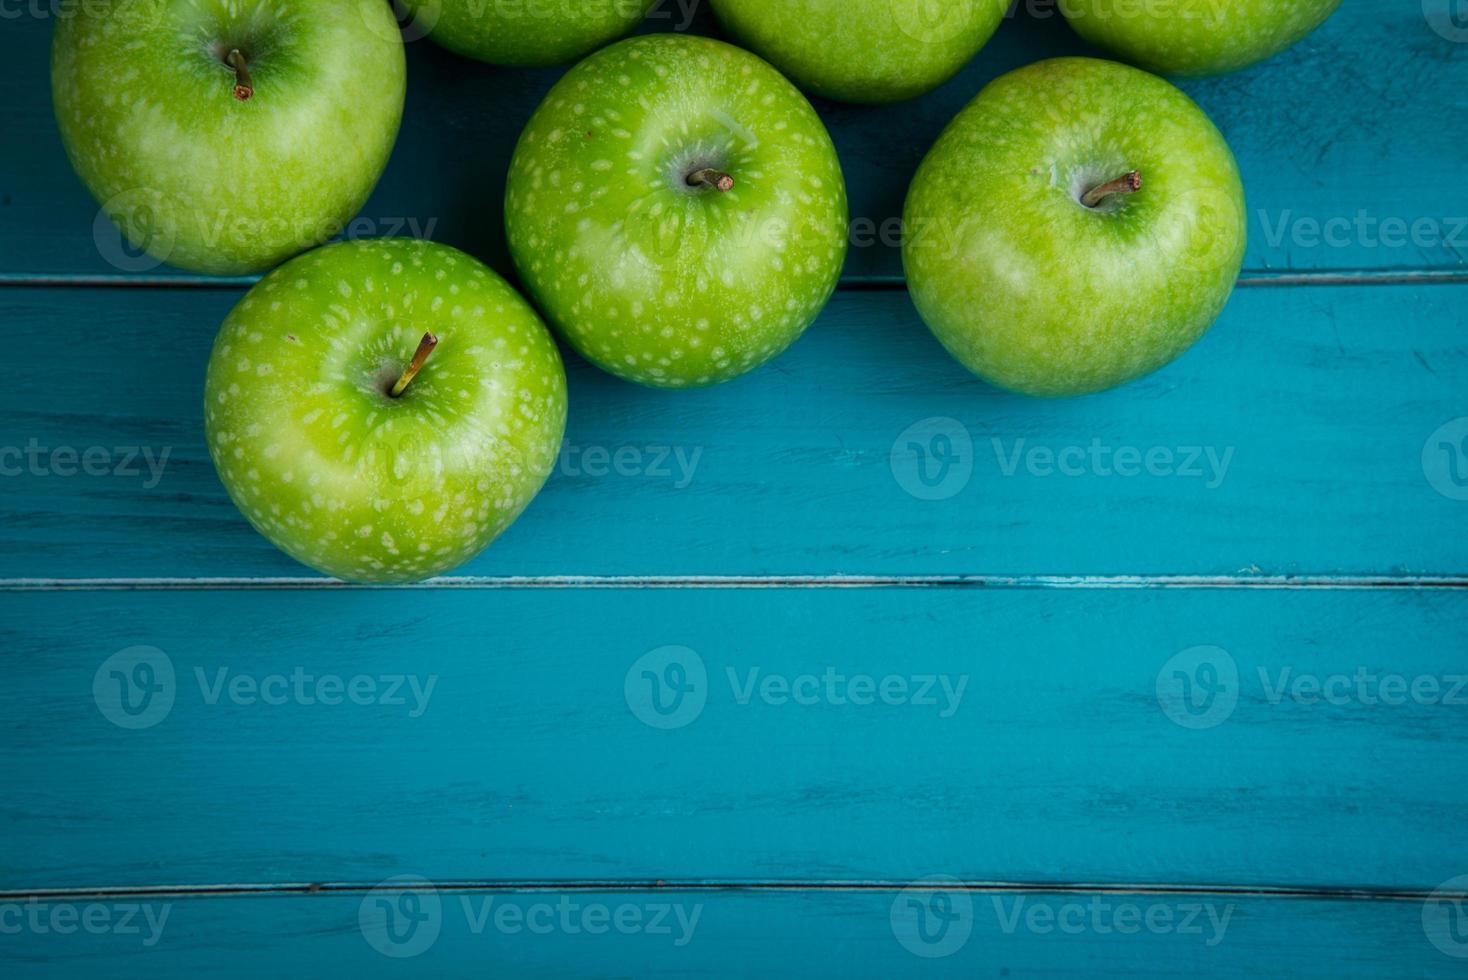 fazenda maçãs orgânicas verdes frescas na mesa retrô de madeira foto